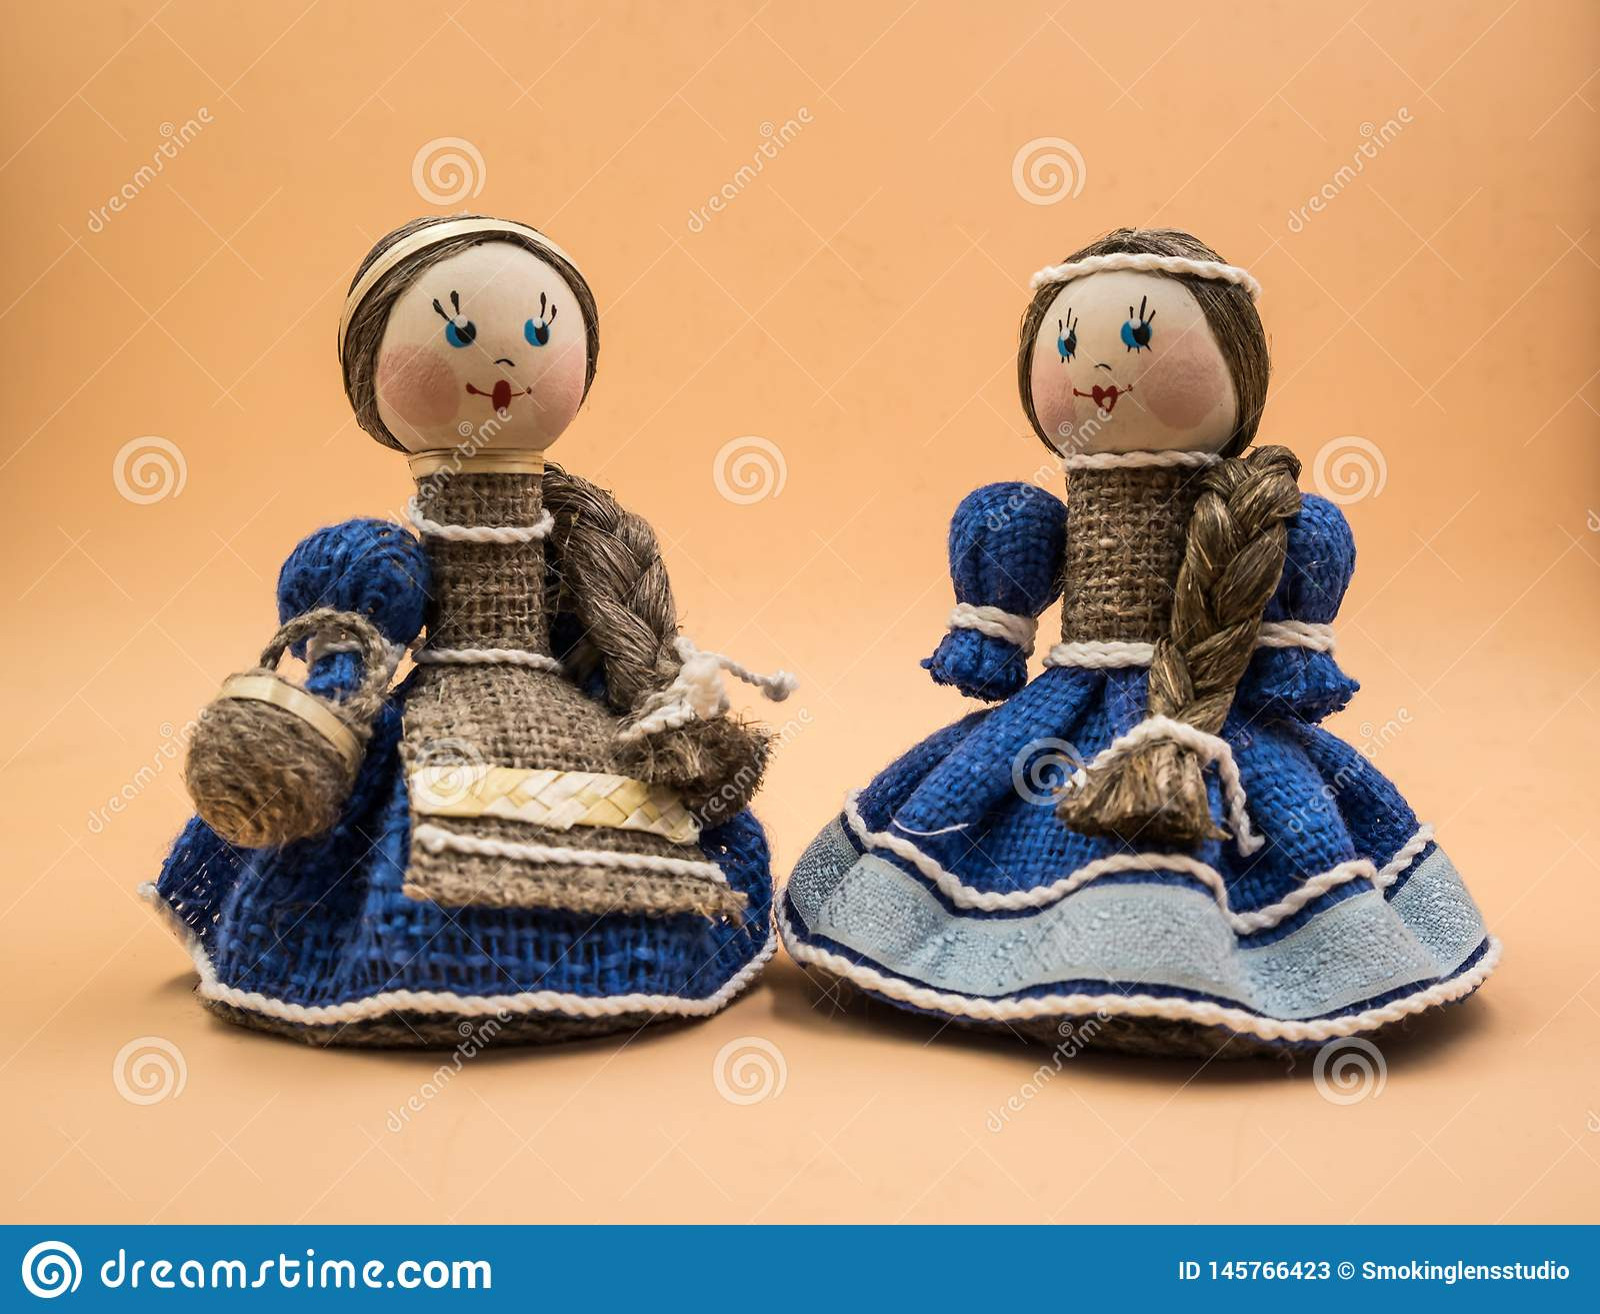 Κούκλες Bellarusian, παιχνίδια